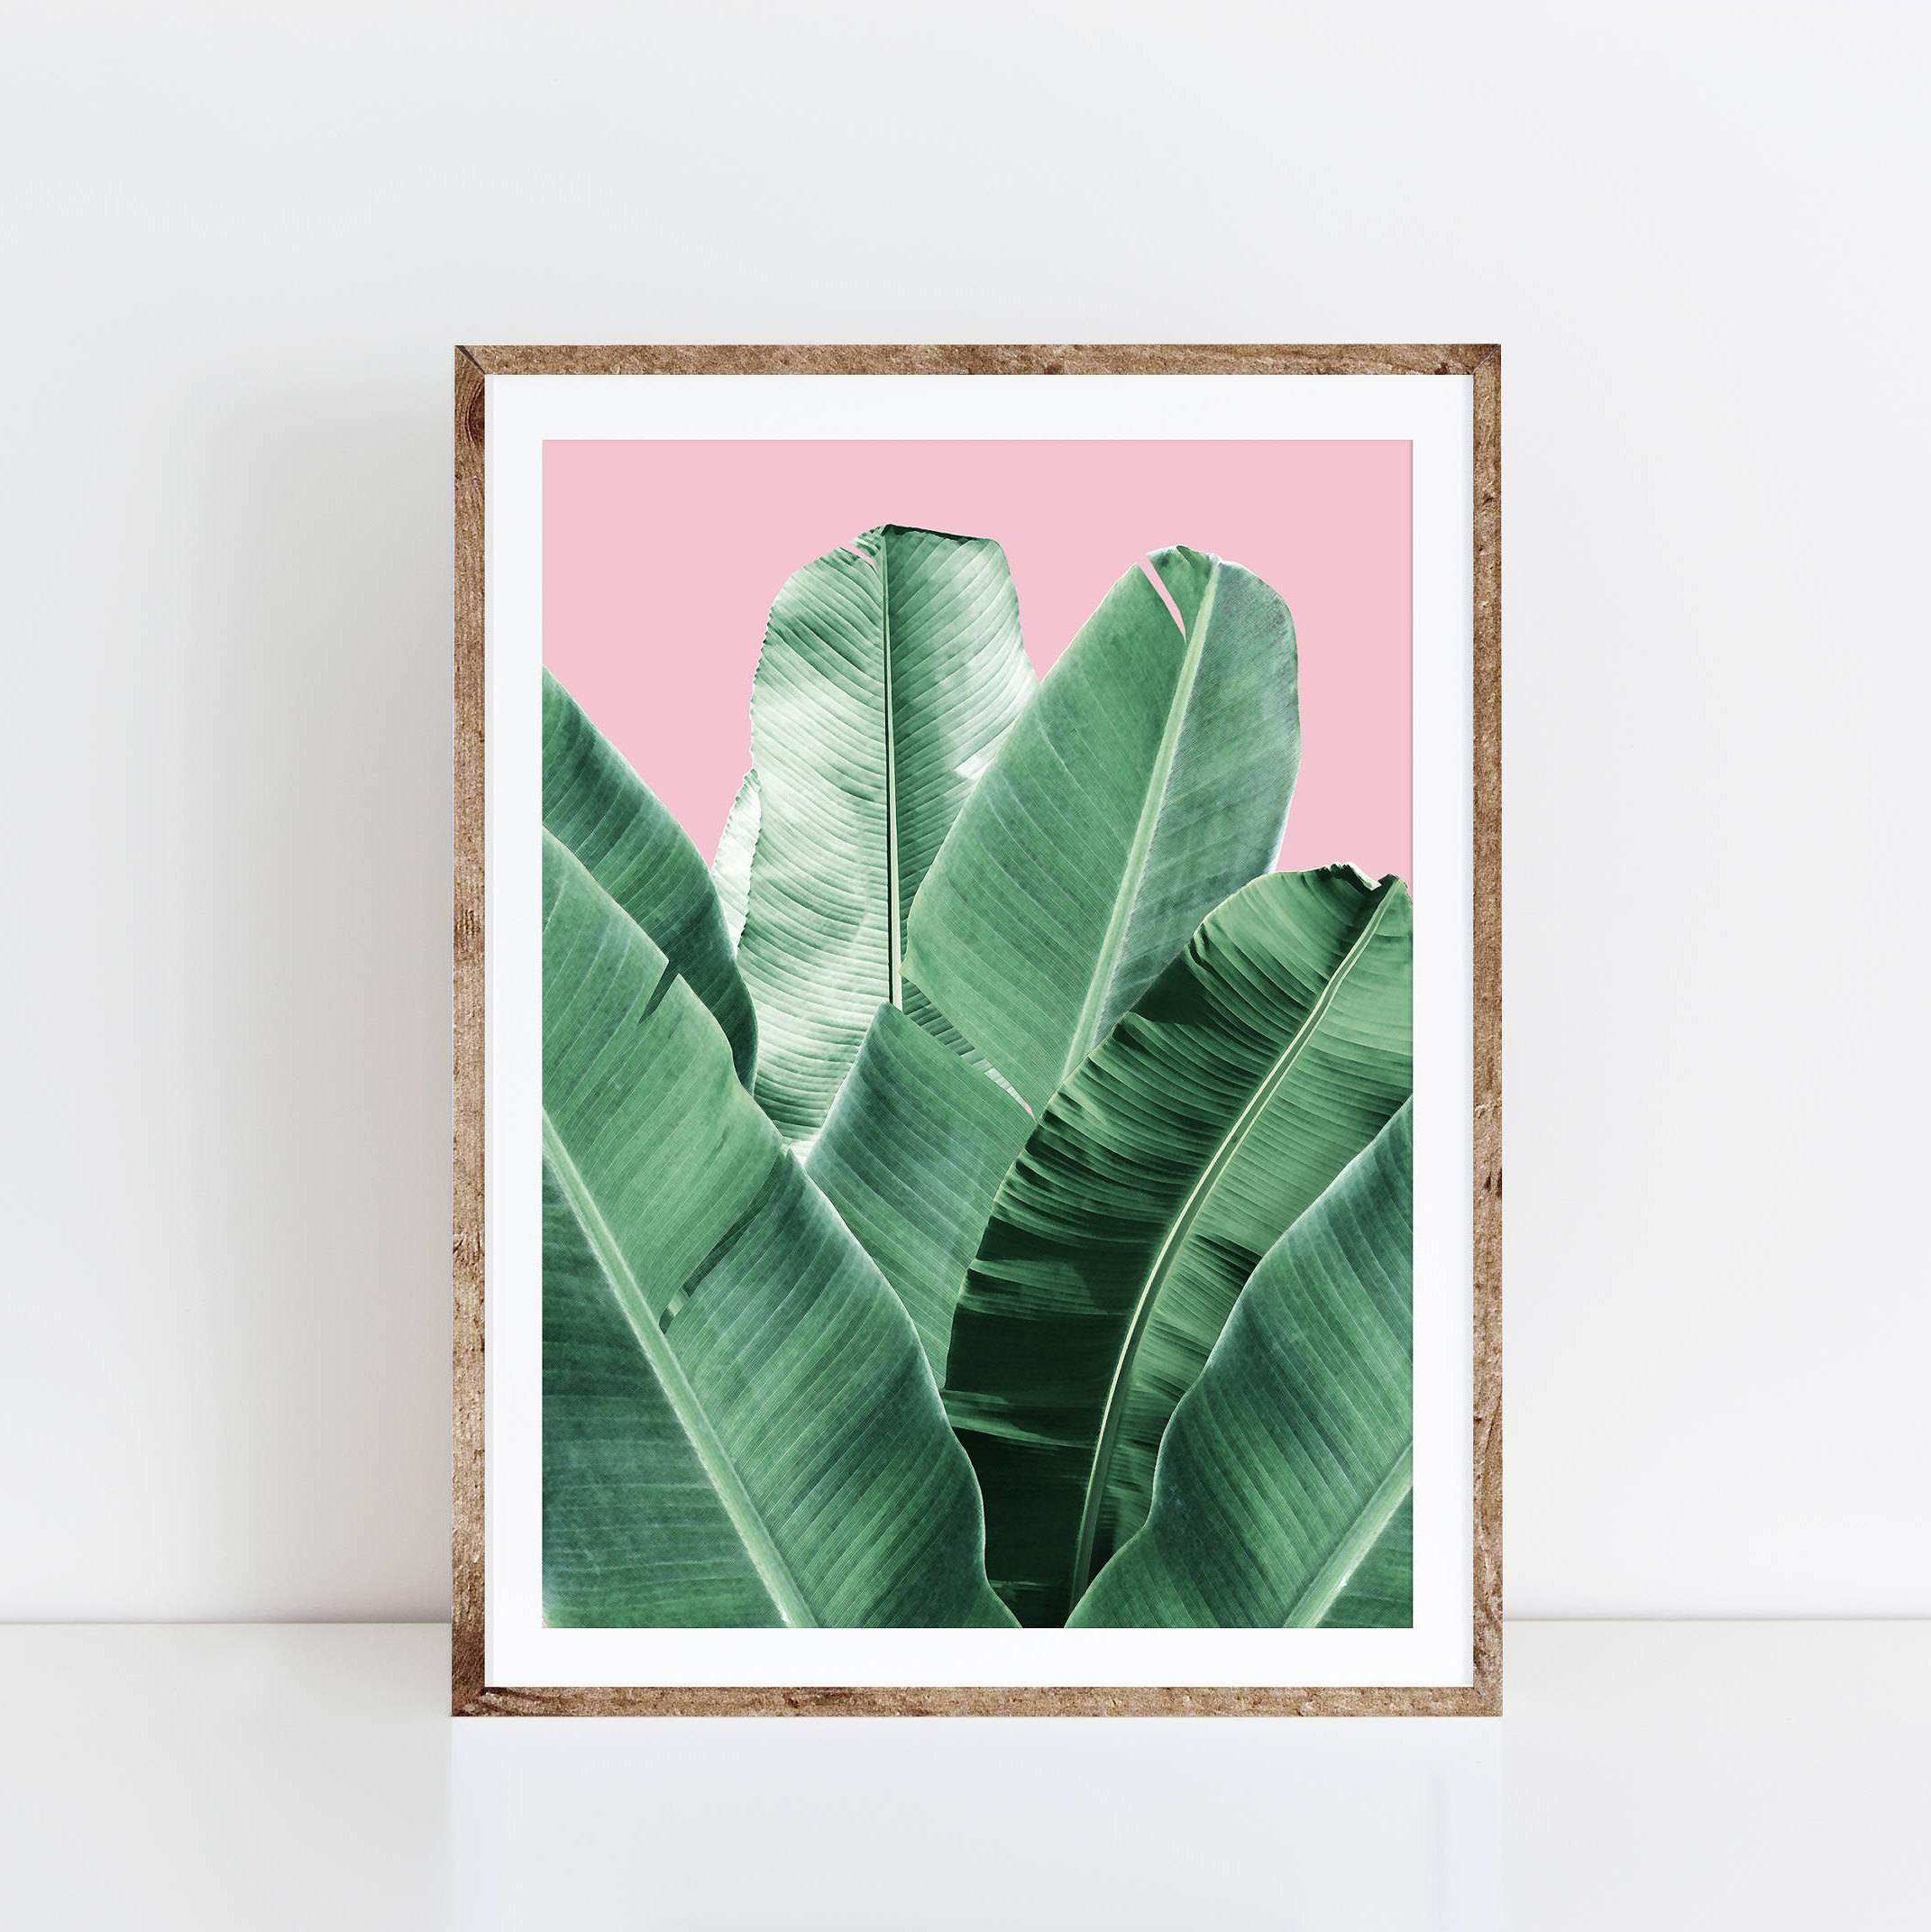 Banana Leaf Wall Art Banana Leaf Palm Leaf Banana Leaf Inside Most Popular Palm Leaf Wall Art (View 6 of 20)